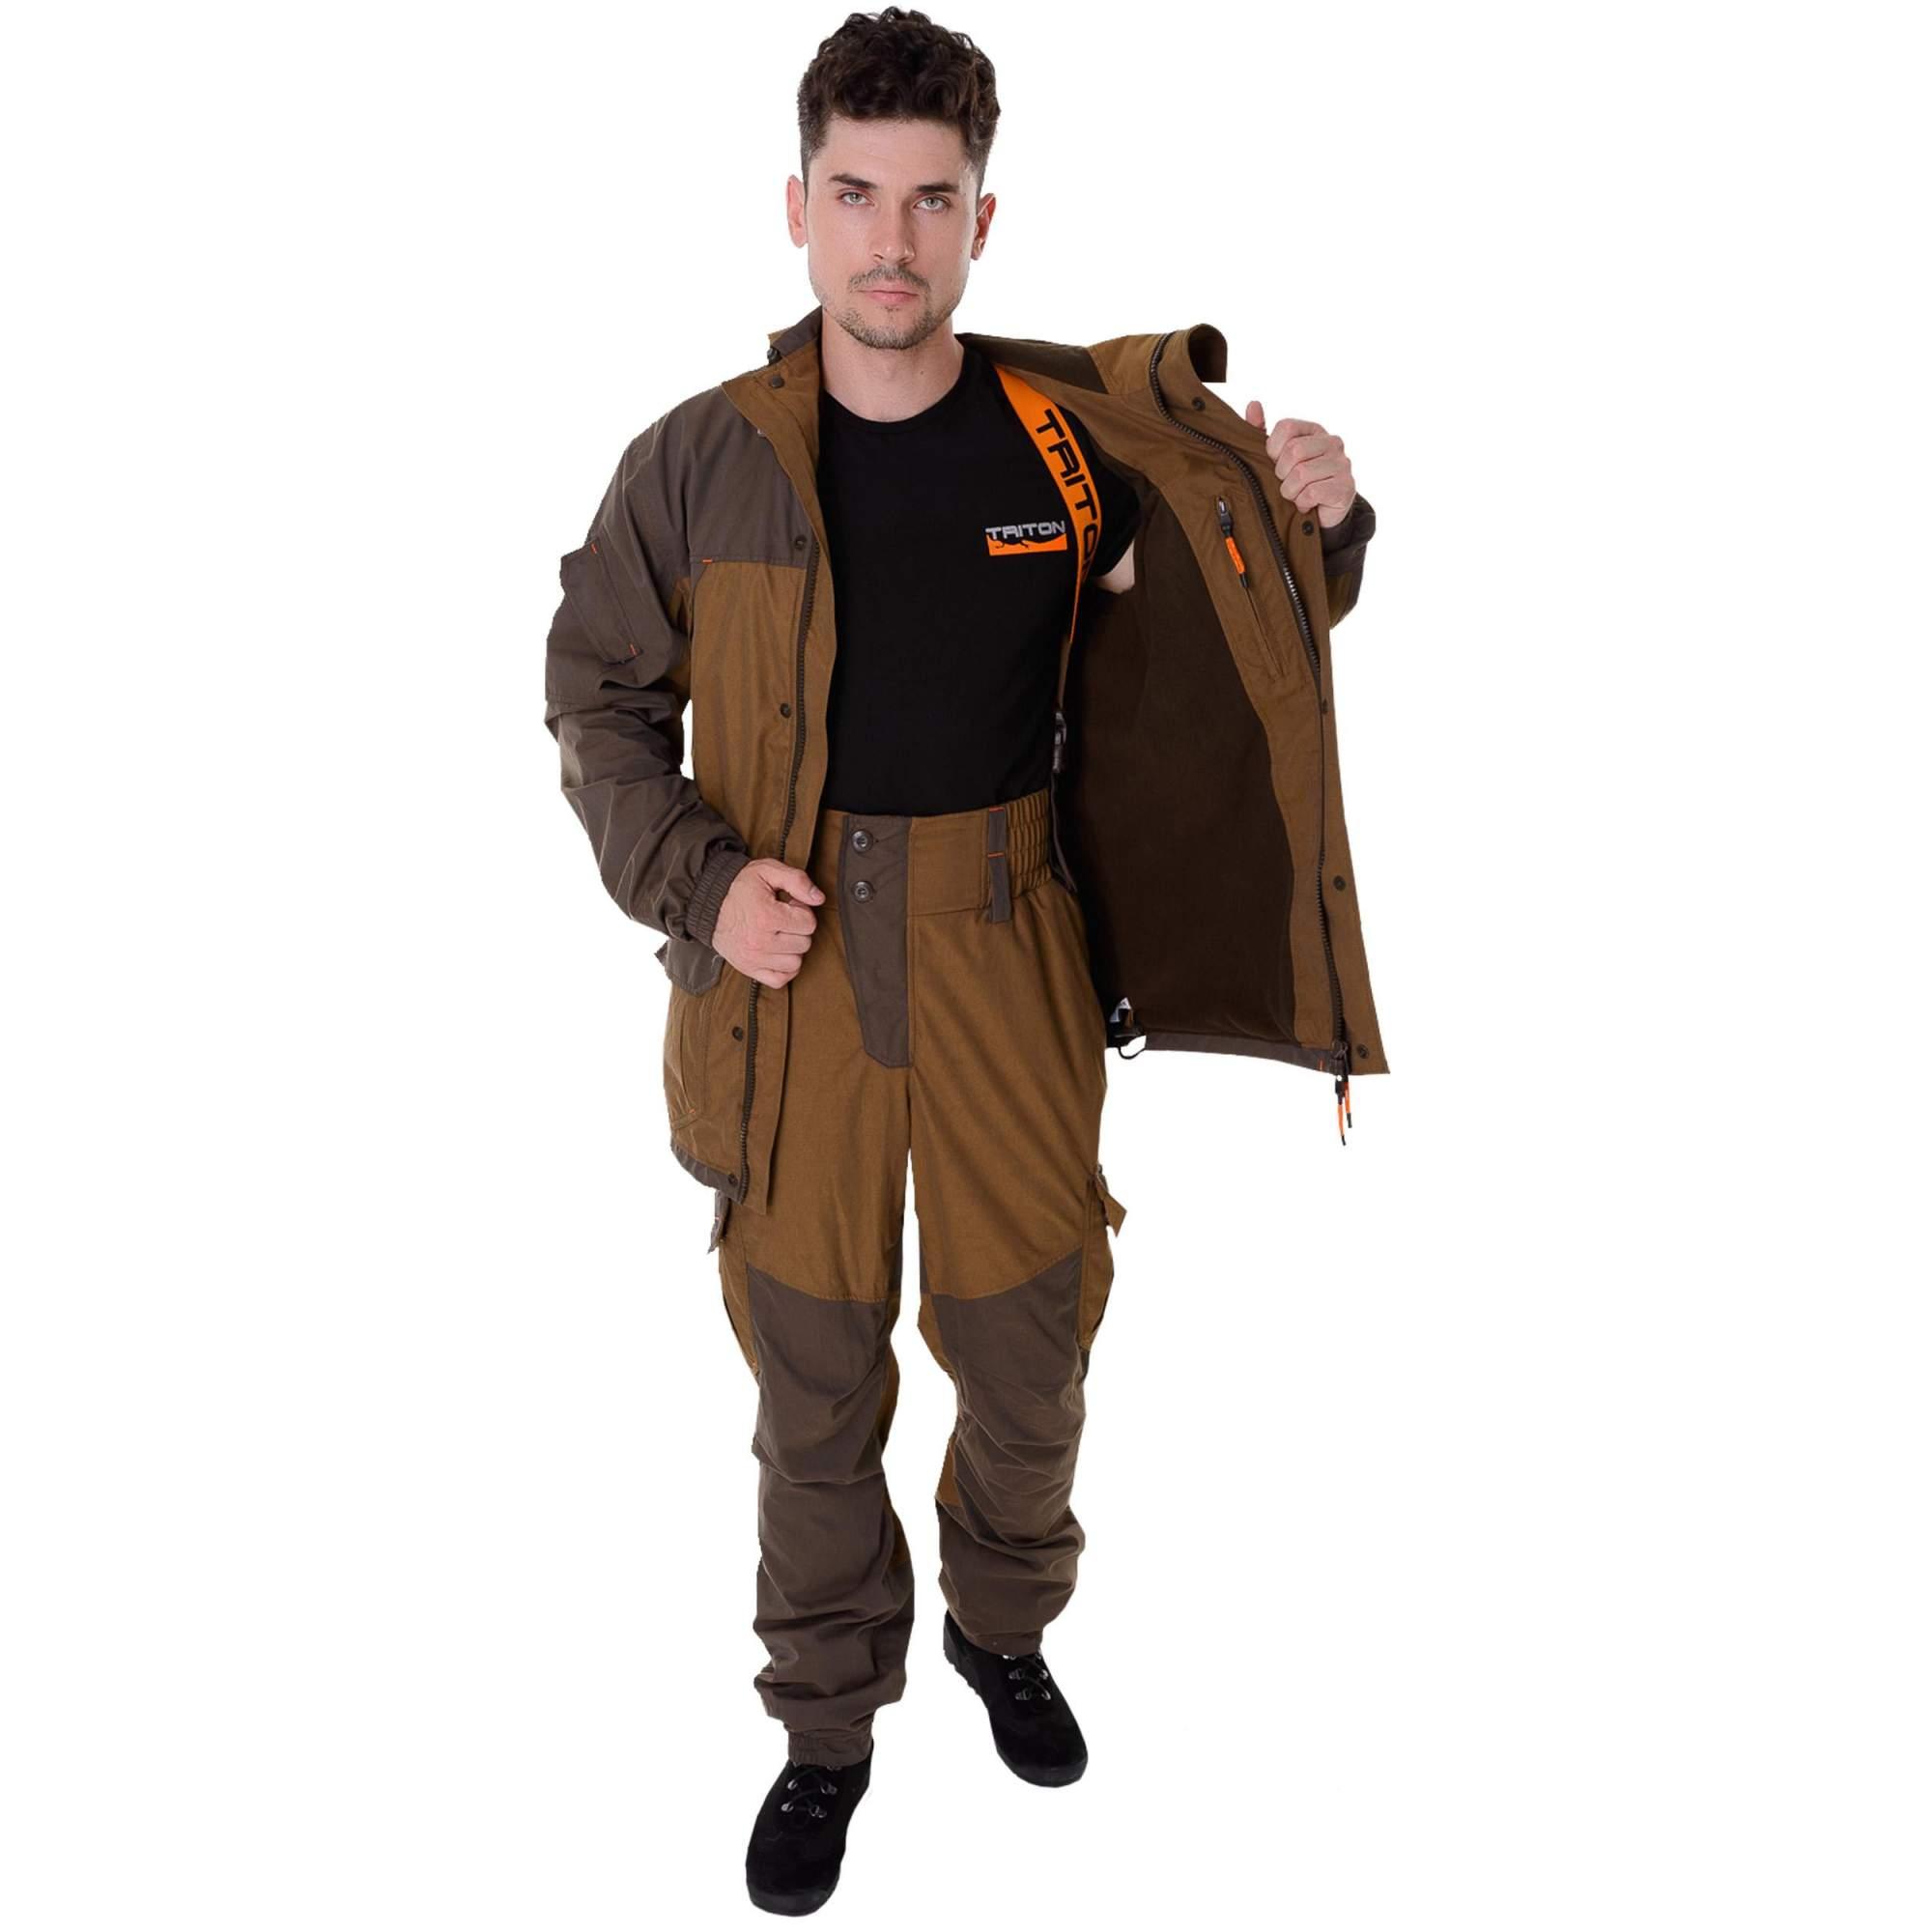 Миниатюра Костюм для рыбалки Triton Горка-5, коричневый, 120-124 RU, 182-188 см №7